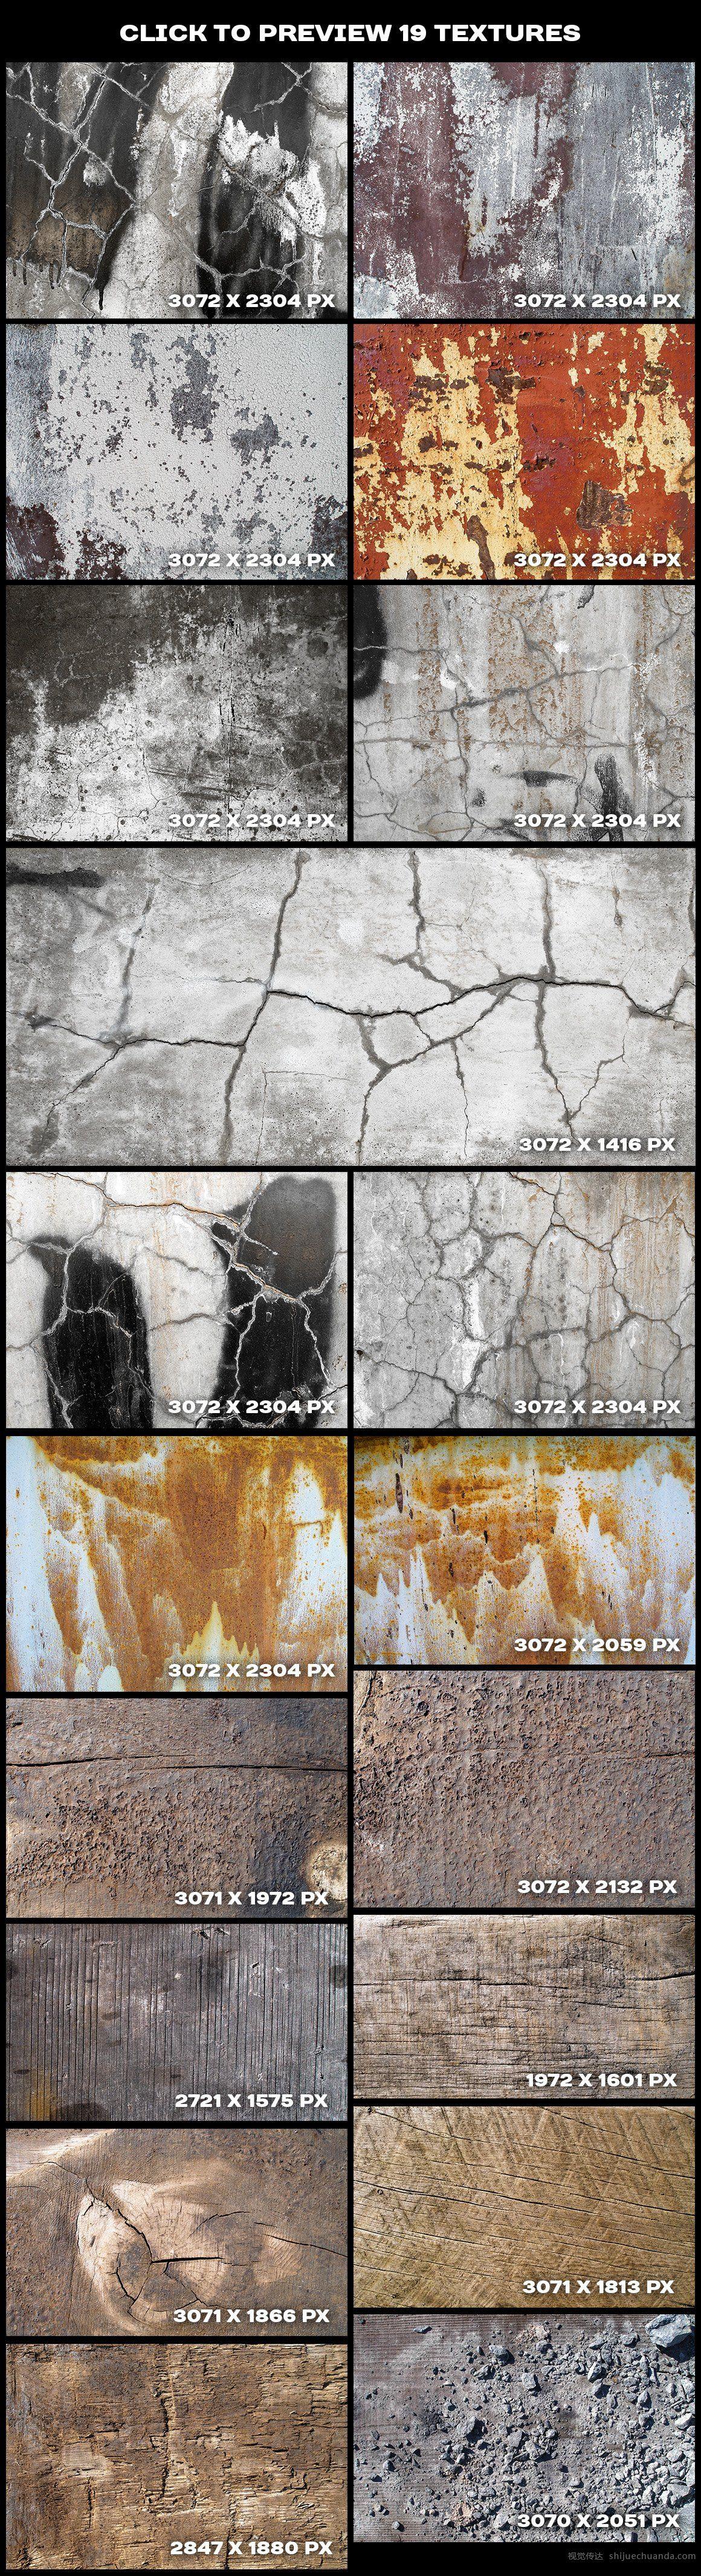 剥落的油漆和混凝土纹理背景